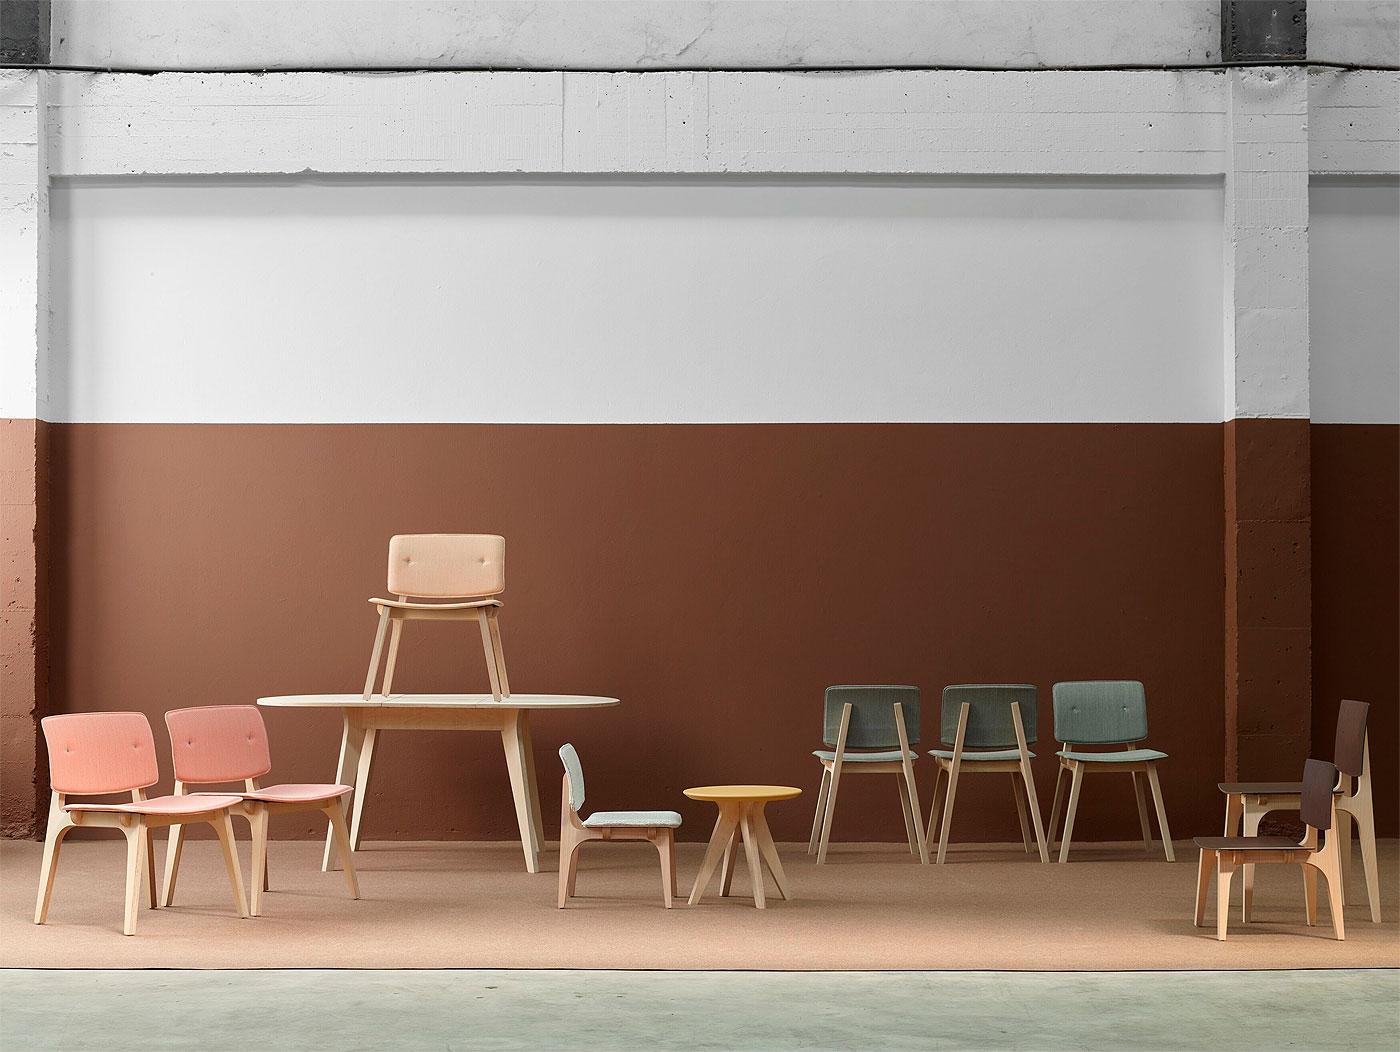 Ondarreta presenta sus nuevas sillas y mesas for Ondarreta mesas y sillas